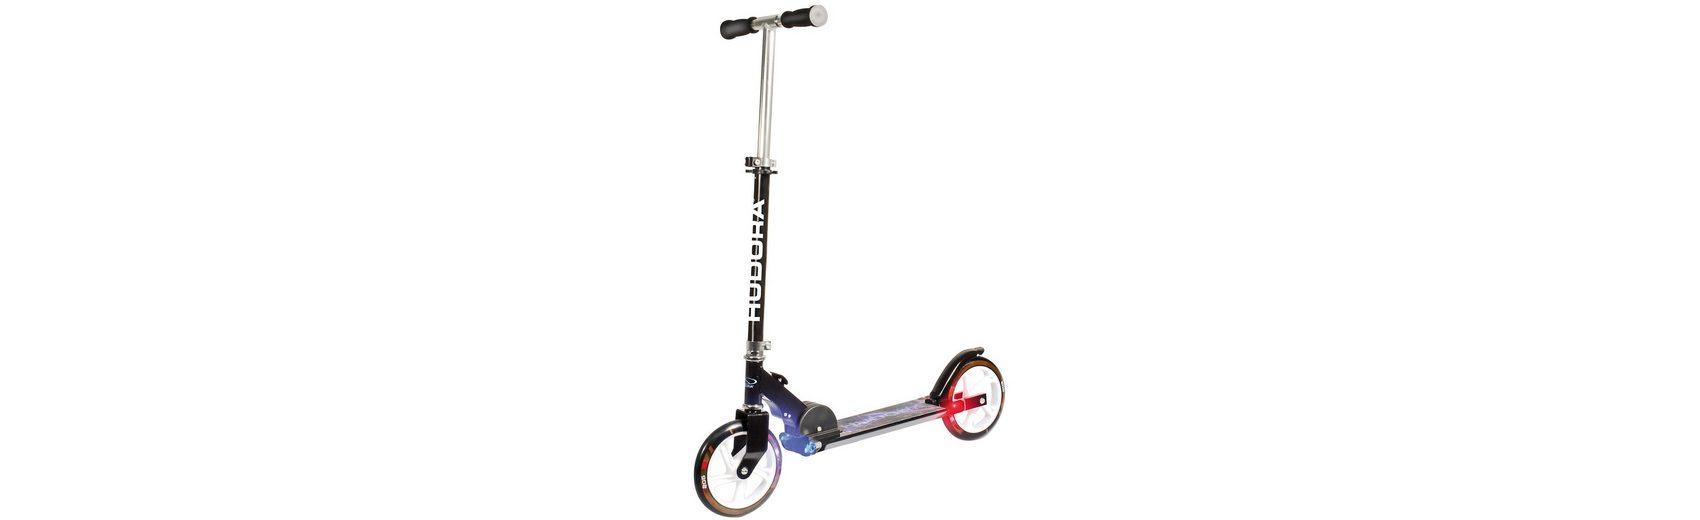 Hudora Scooter L205 mit Licht